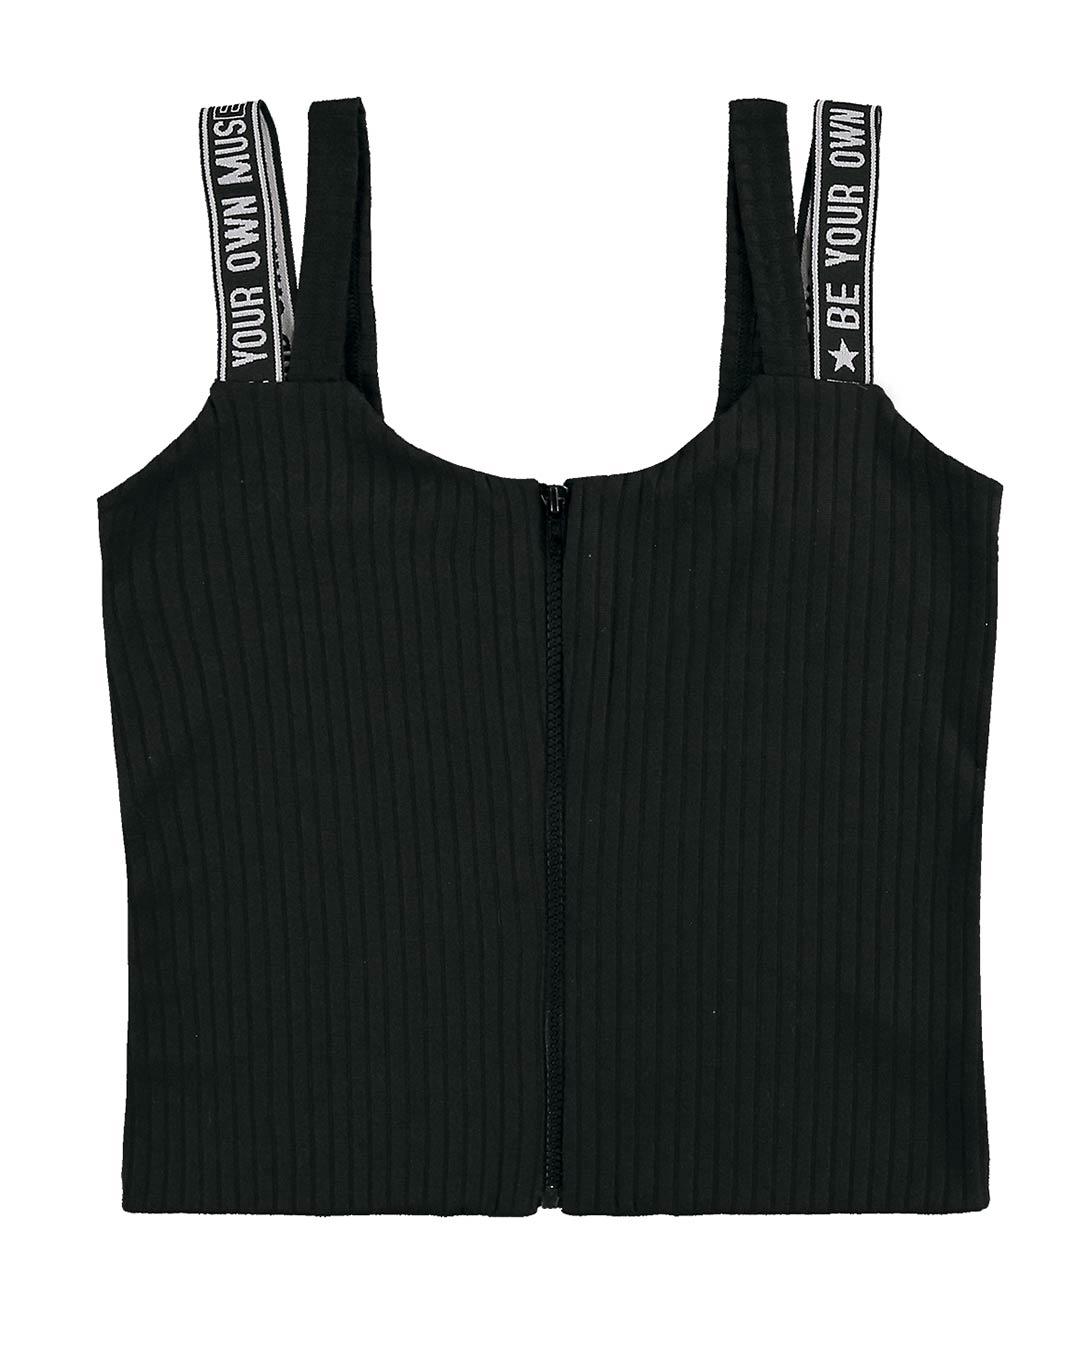 Blusa Feminina Cropped Canelado - Lecimar